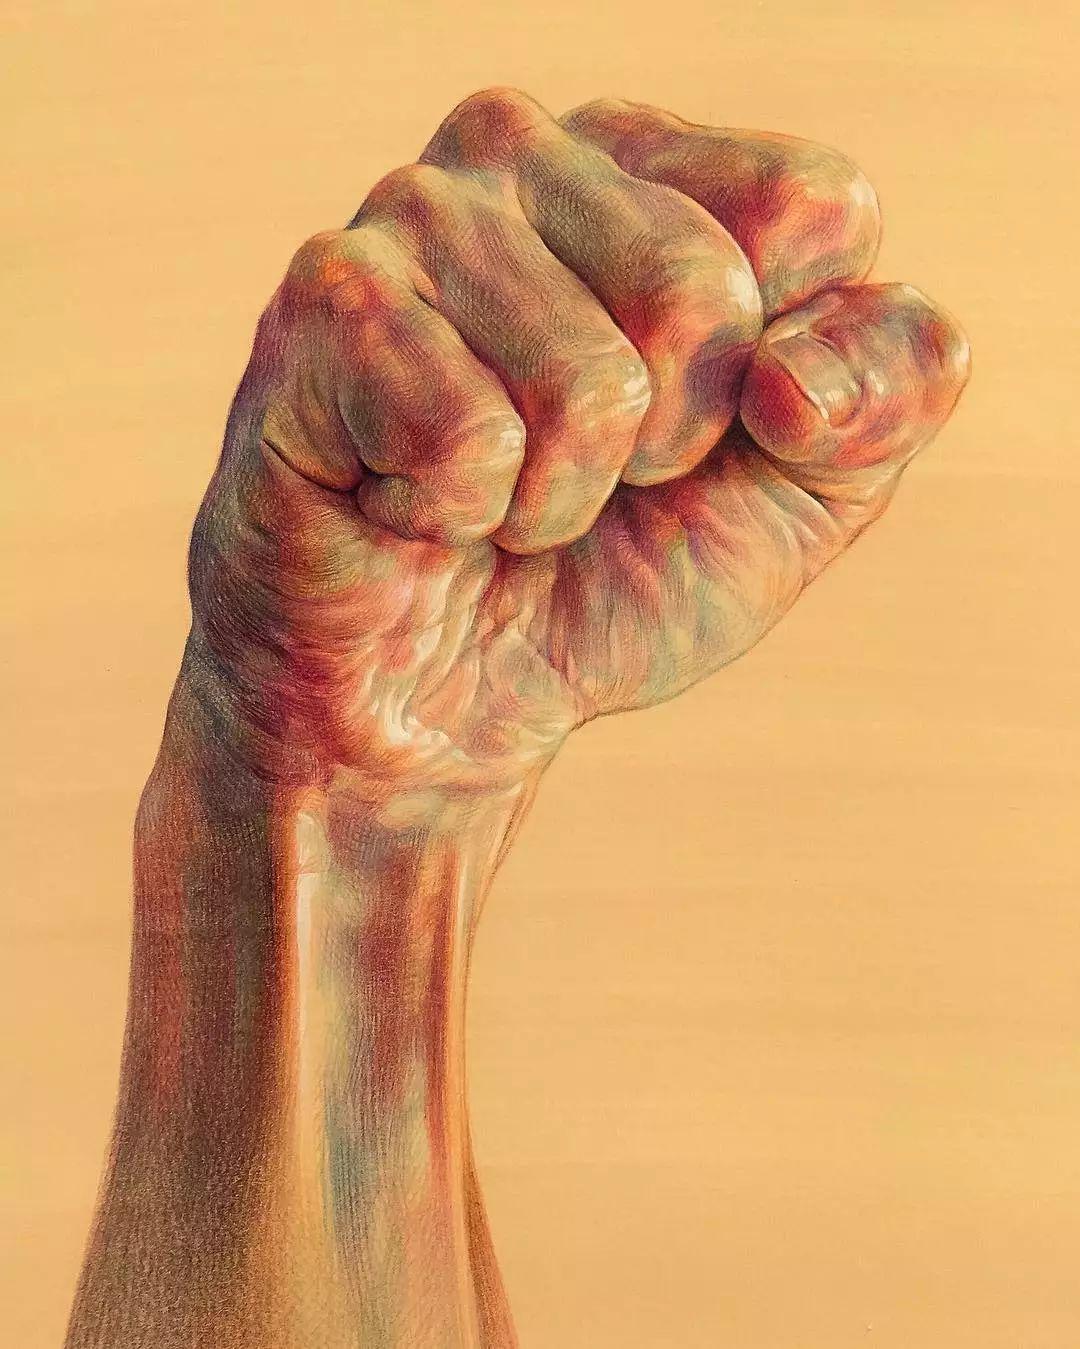 黑州人体艺术_韩国艺术家的彩铅人体结构,太惊艳了